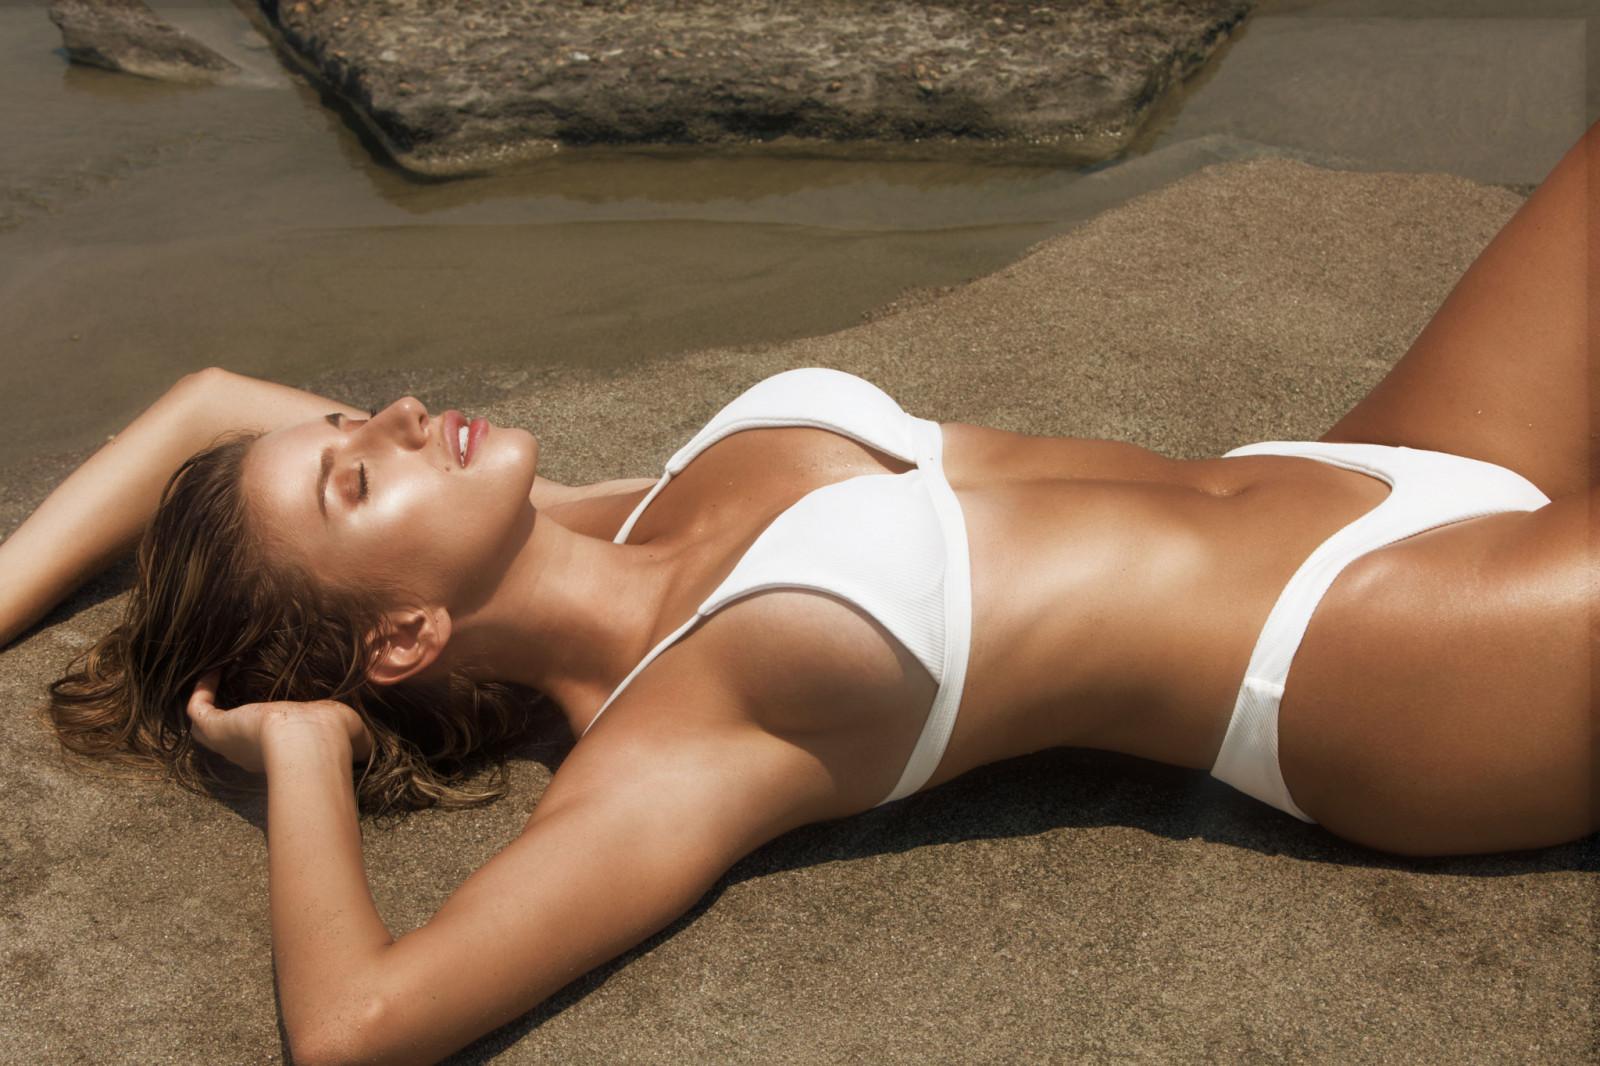 bikini-white-woman